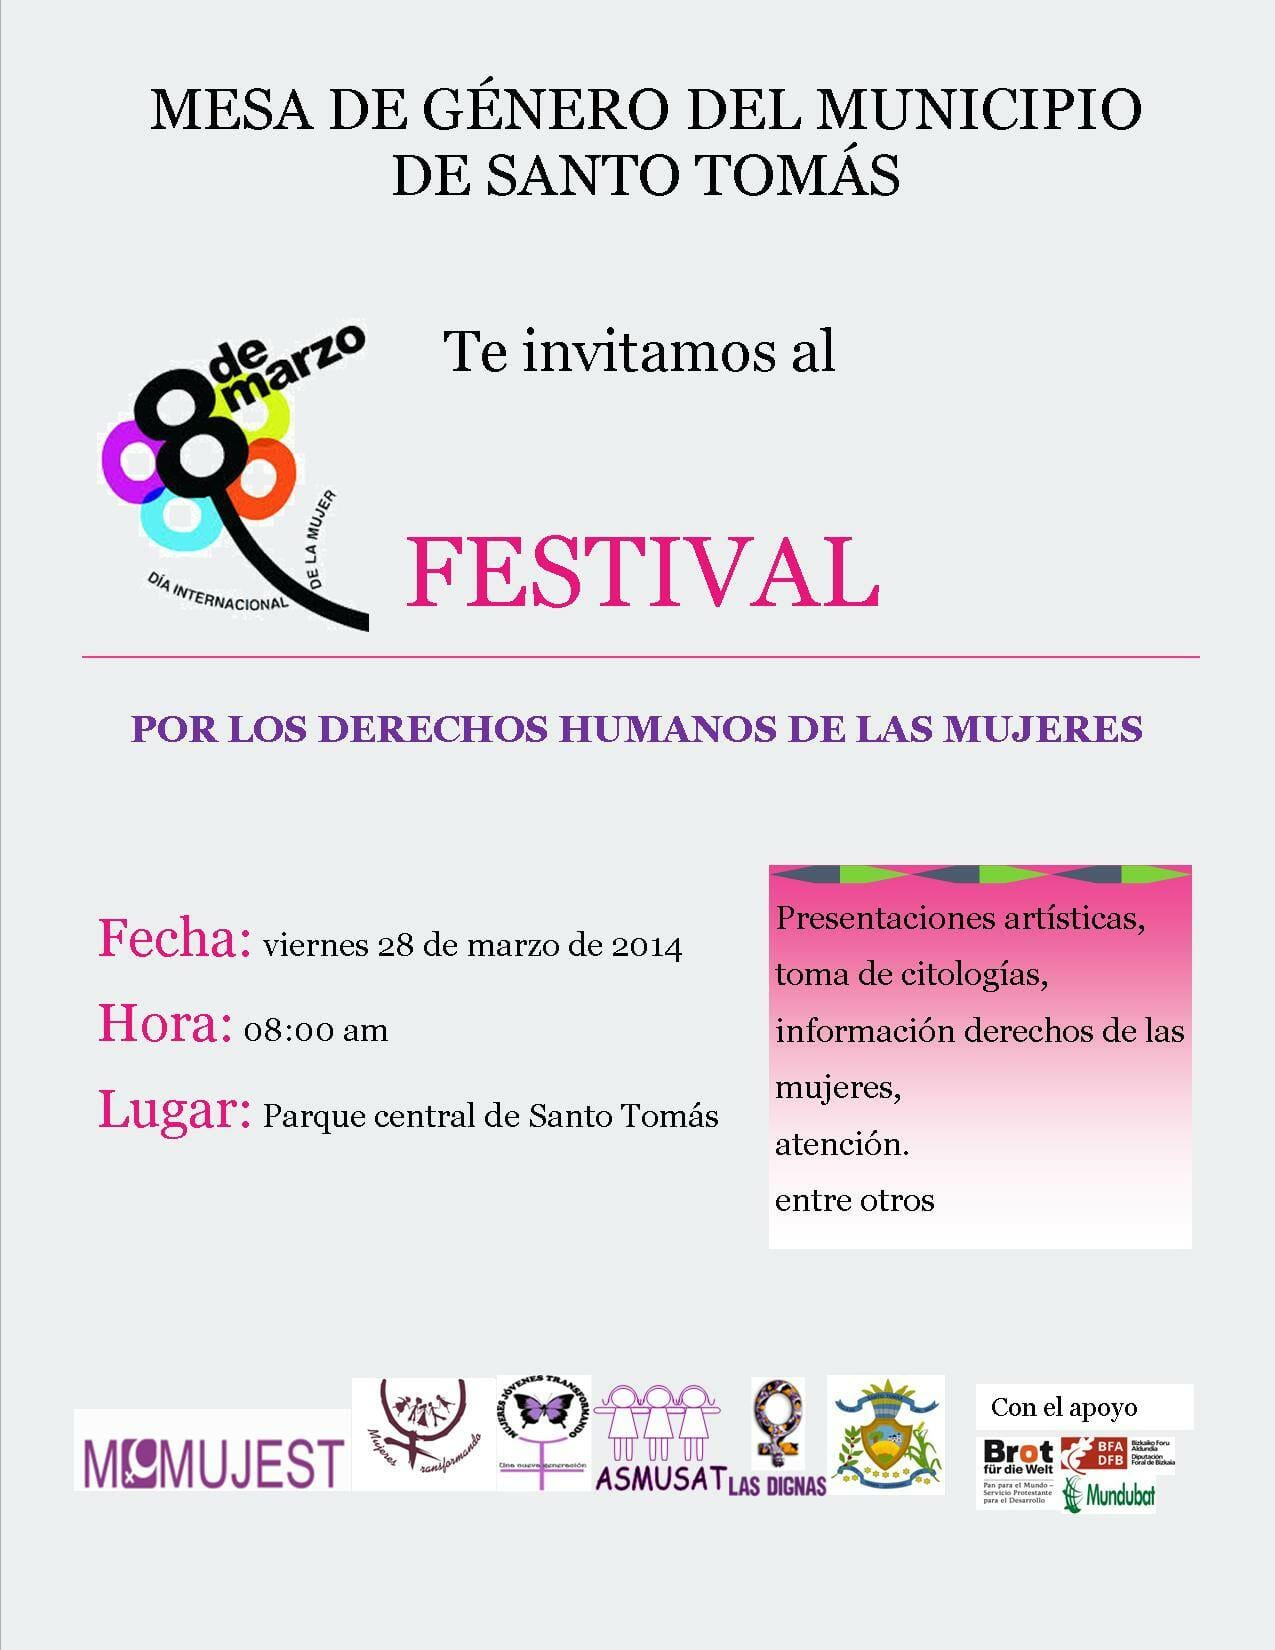 FESTIVAL POR LOS DERECHOS HUMANOS DE LAS MUJERES - PARQUE CENTRAL SANTO TOMÁS - 28 MARZO 2014